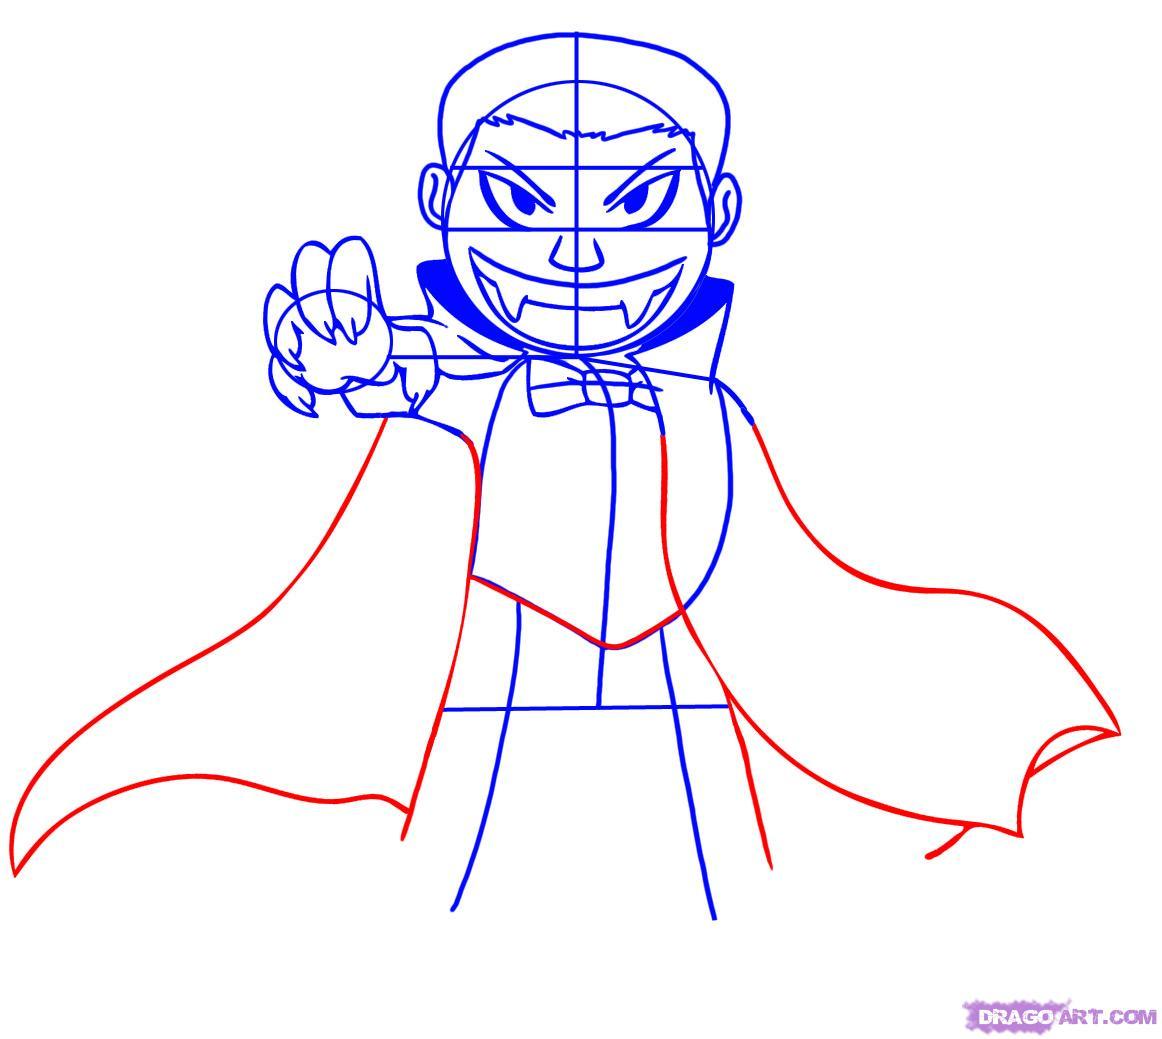 Drawn vampire step by step By Step Cartoon how Step